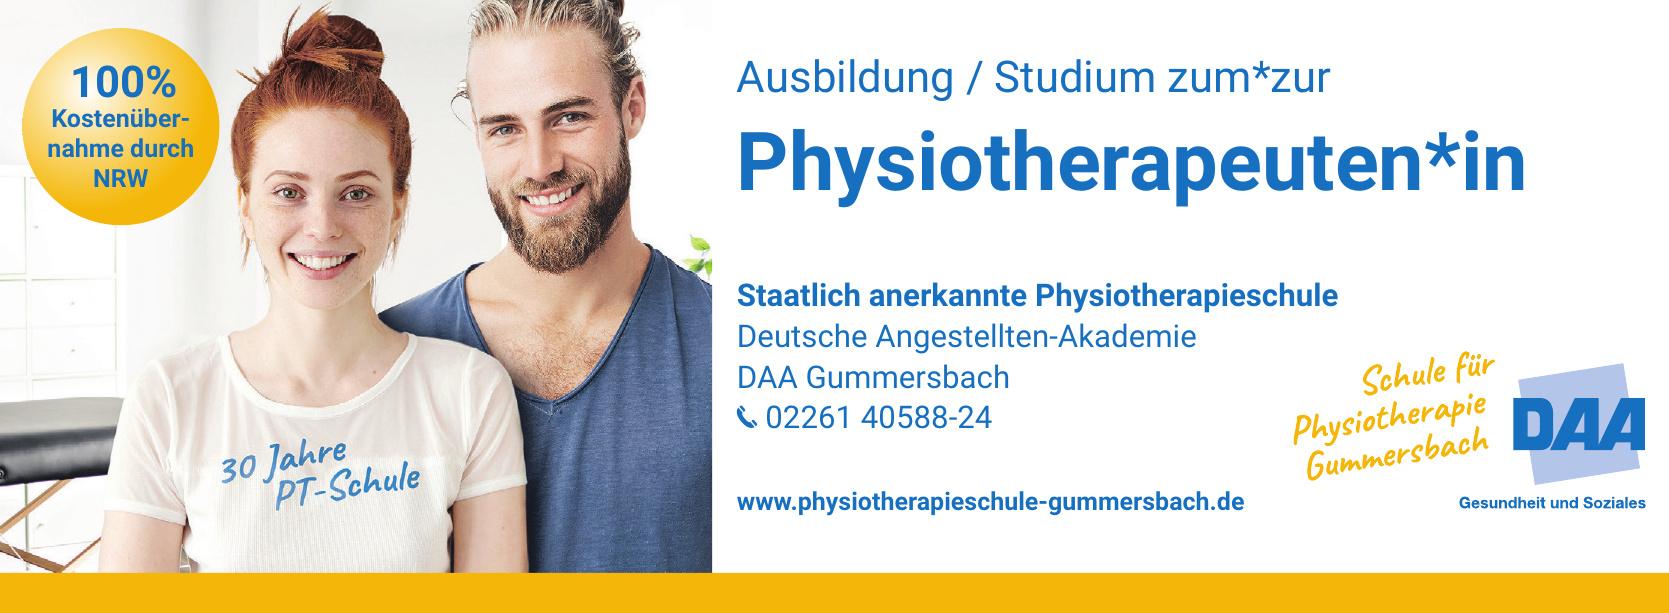 Deutsche Angestellten-Akademie - DAA Gummersbach - Staatlich anerkannte Physiotherapieschule